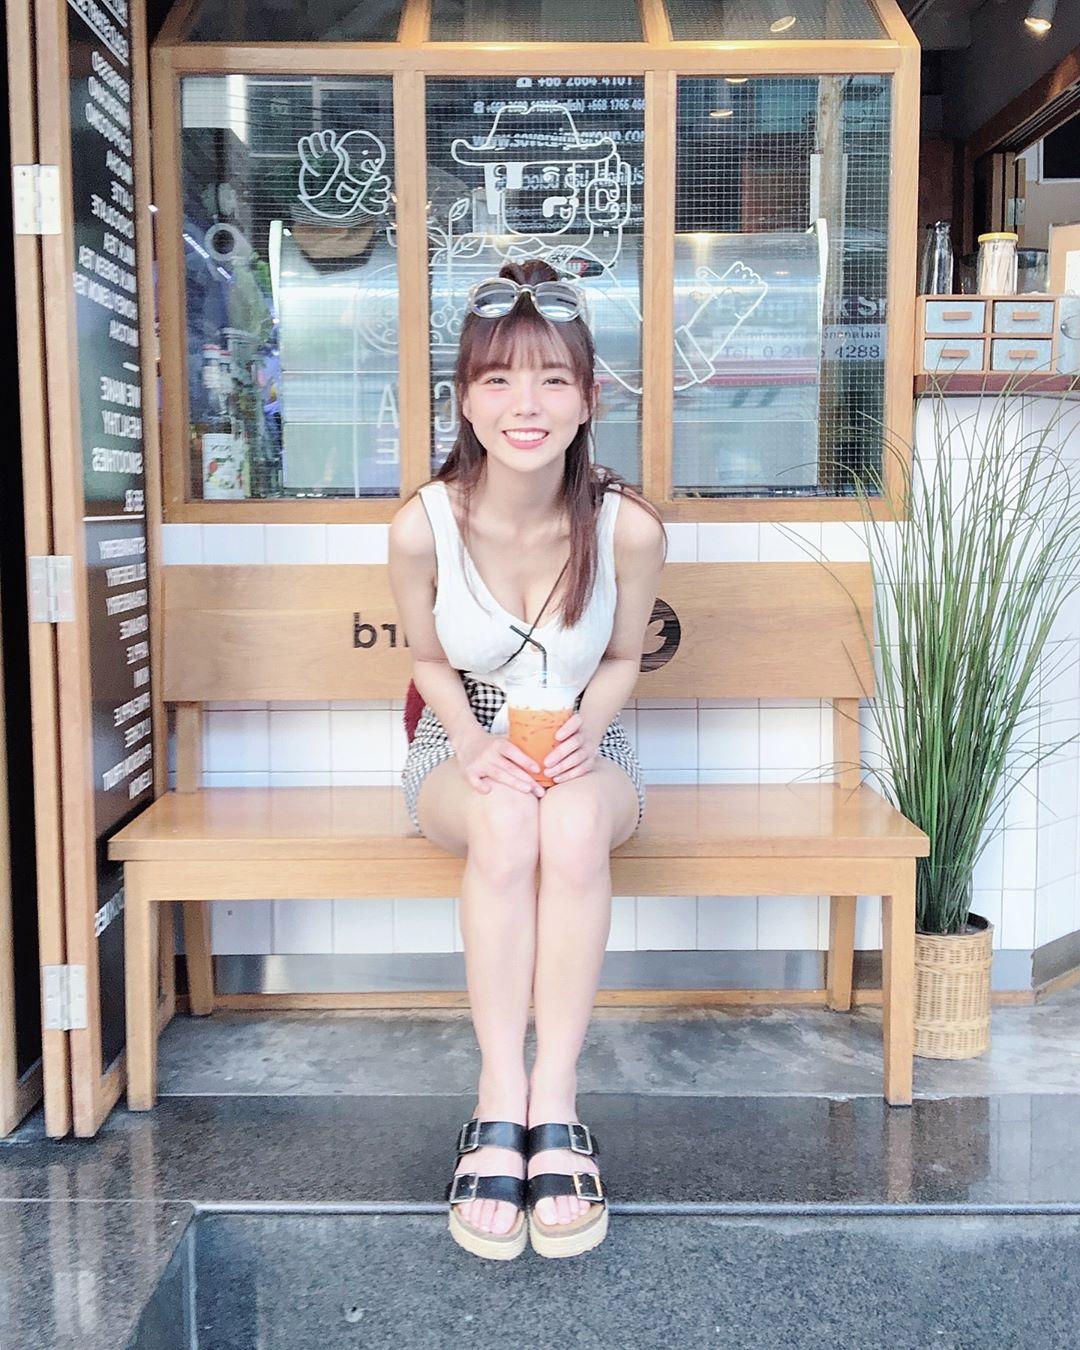 早安☀️☀️☀️ _ 今天要去Pattaya Pattaya有沒有什麼好吃好玩的哩 _每天一杯泰奶 _.jpg